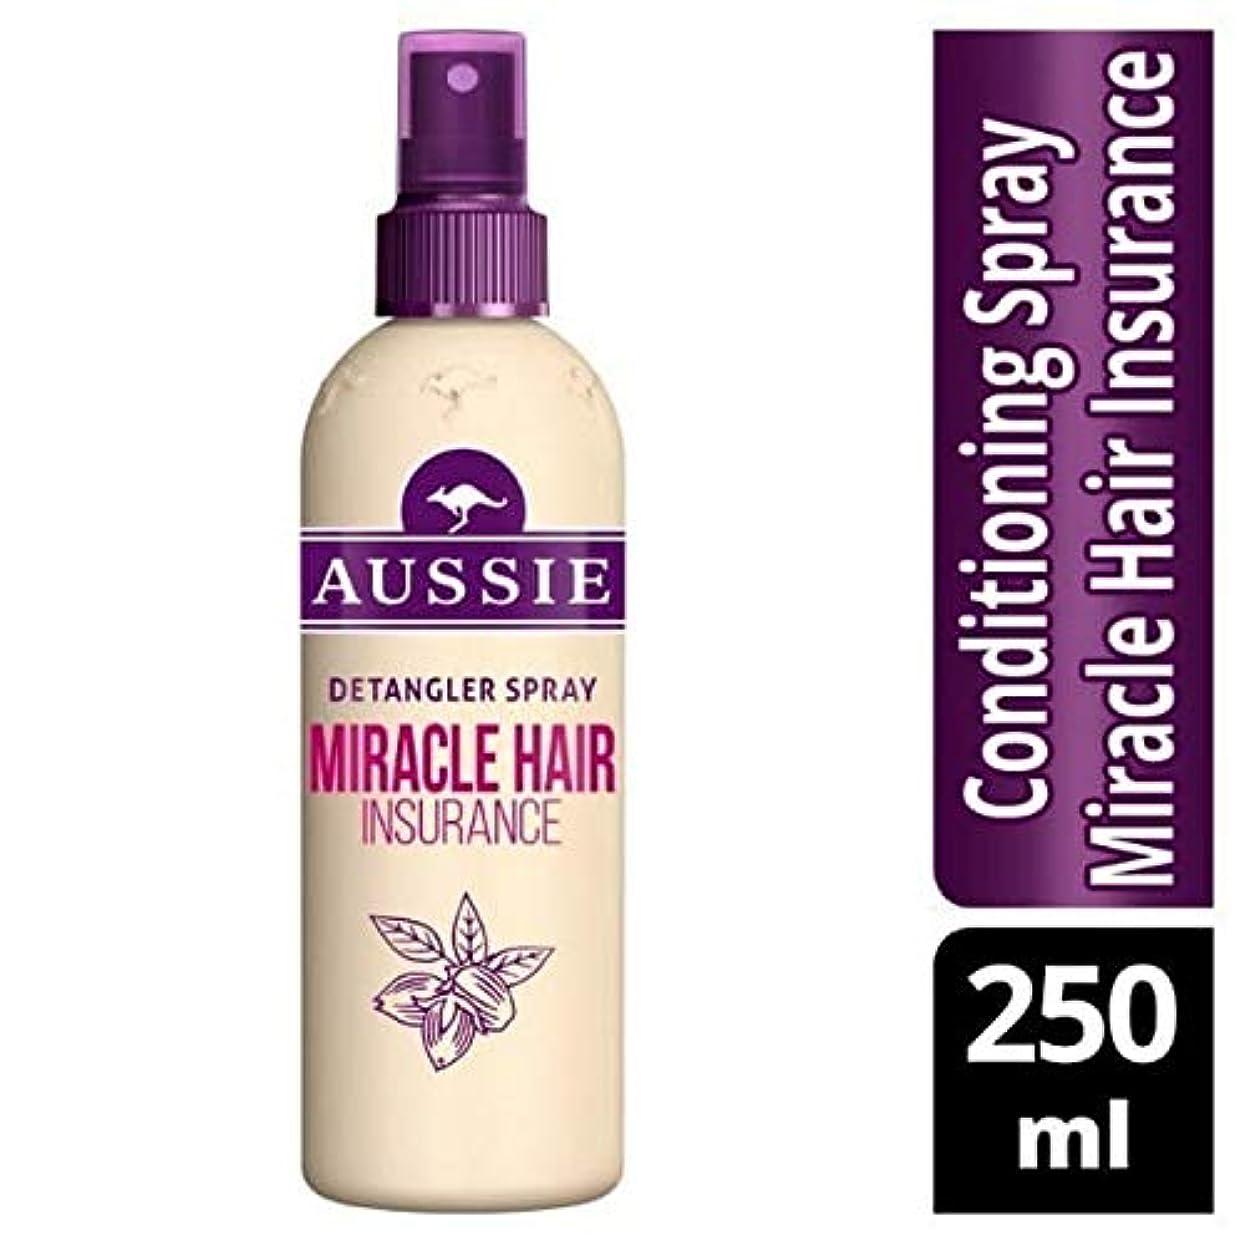 免除するやろう道を作る[Aussie ] オーストラリアの奇跡髪保険Detanglerスプレー250ミリリットル - Aussie Miracle Hair Insurance Detangler Spray 250ml [並行輸入品]